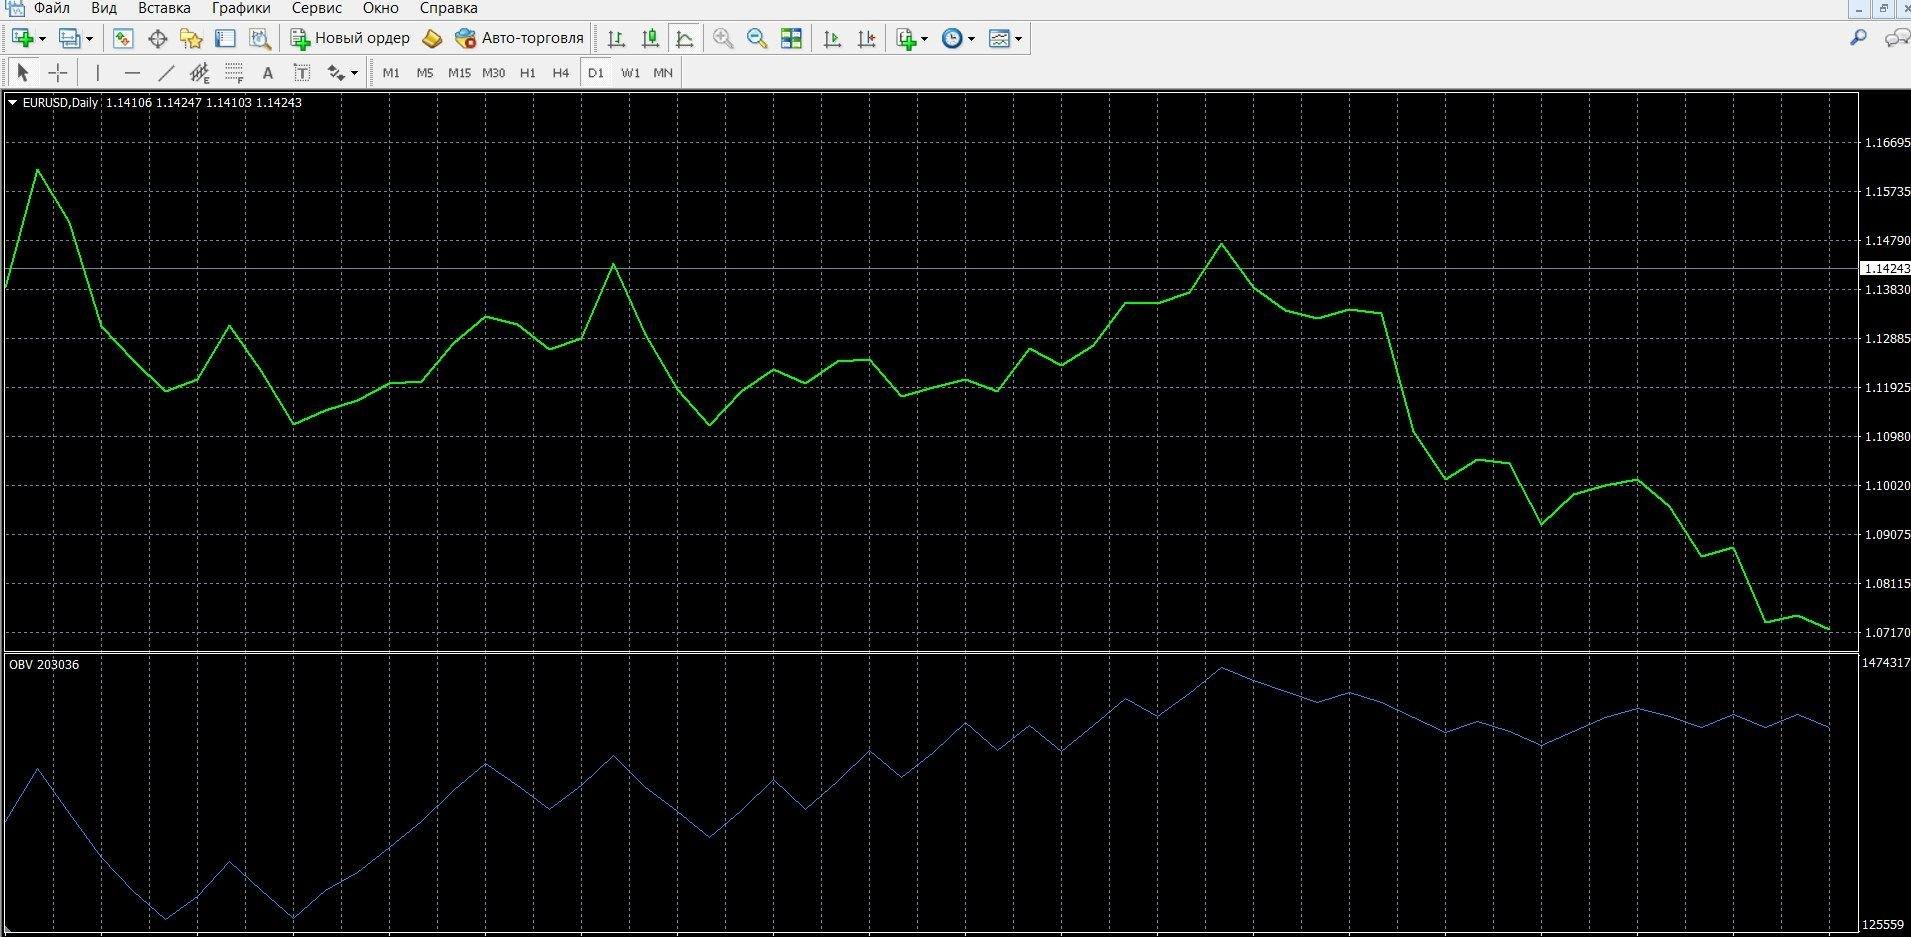 Установите индикатор OBV в платформу МТ4